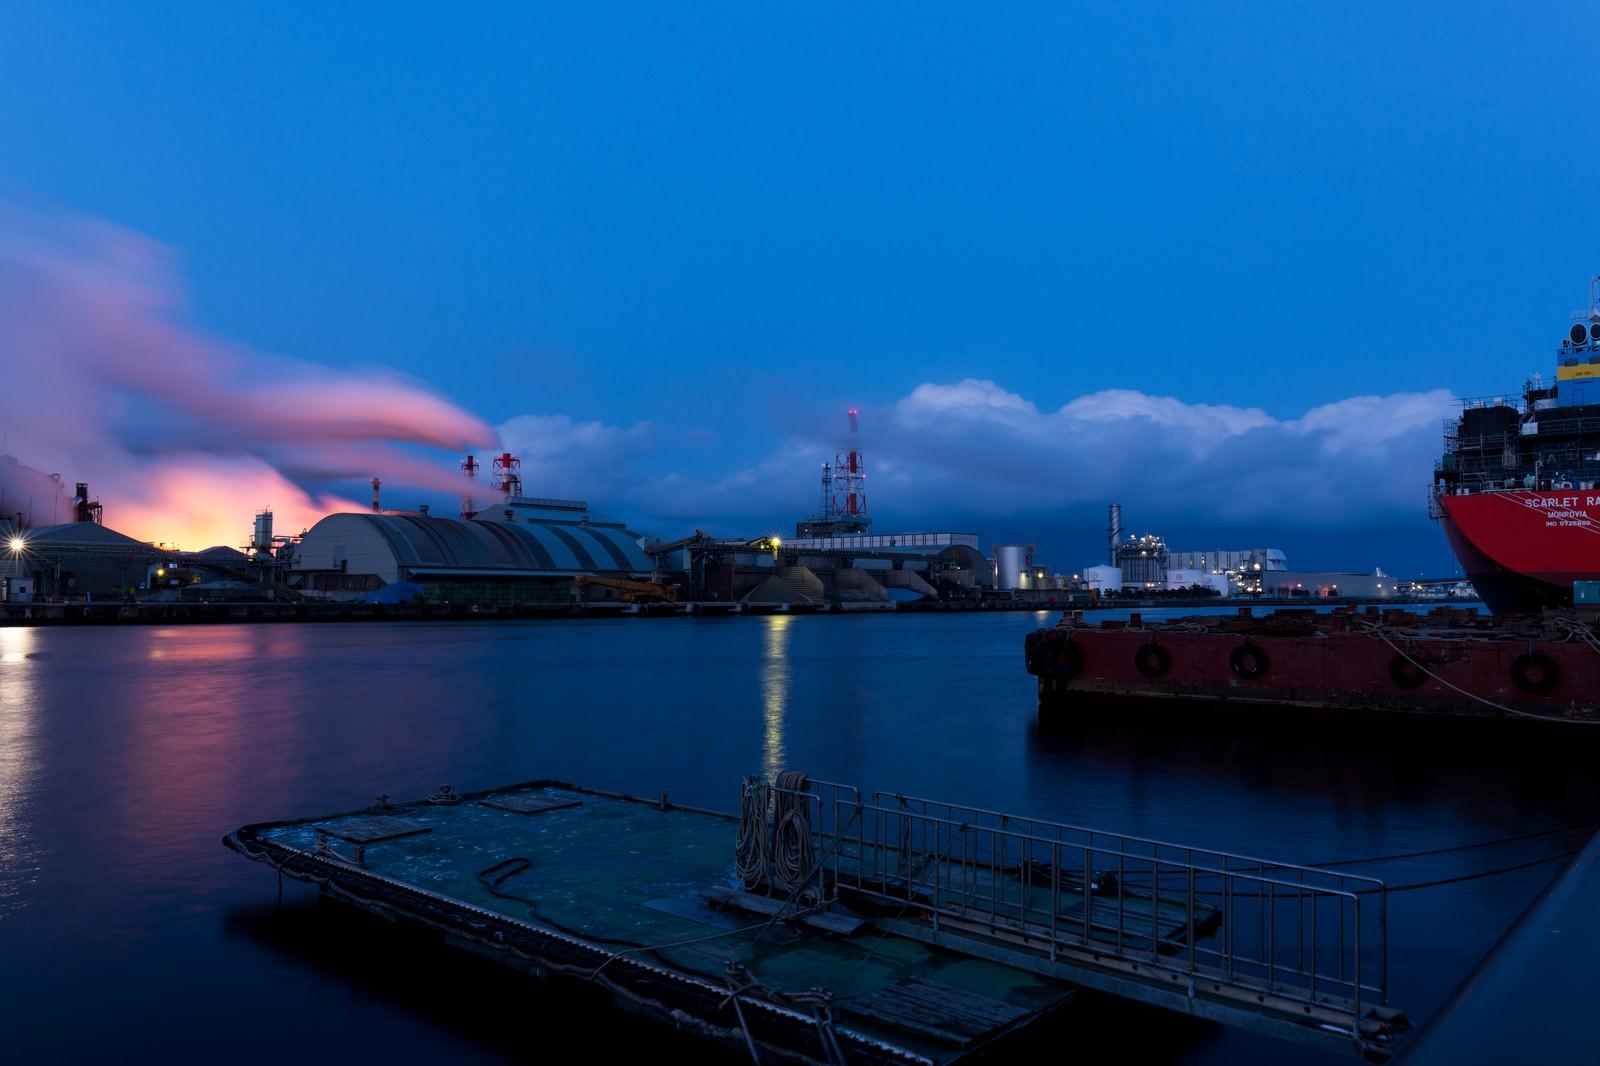 「八戸の工場夕景」の写真